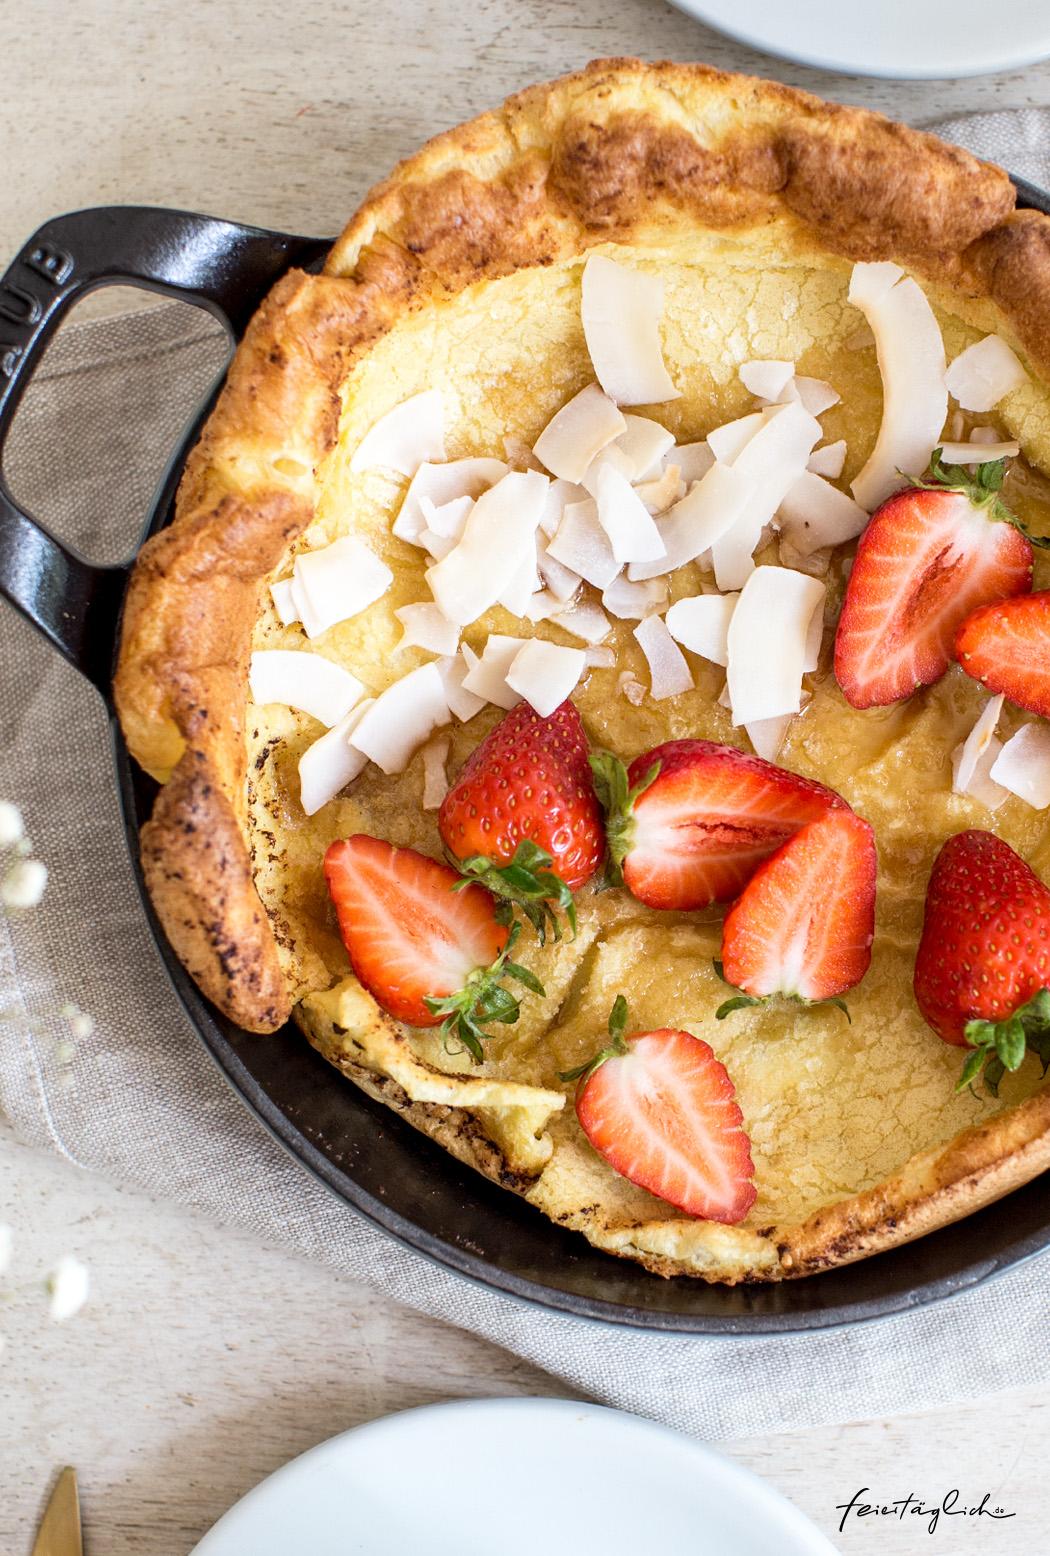 Rezept für Dutch Baby (fluffiger Pfannkuchen aus dem Backofen) mit Erdbeeren und Kokosflakes – so schnell und einfach gemacht!